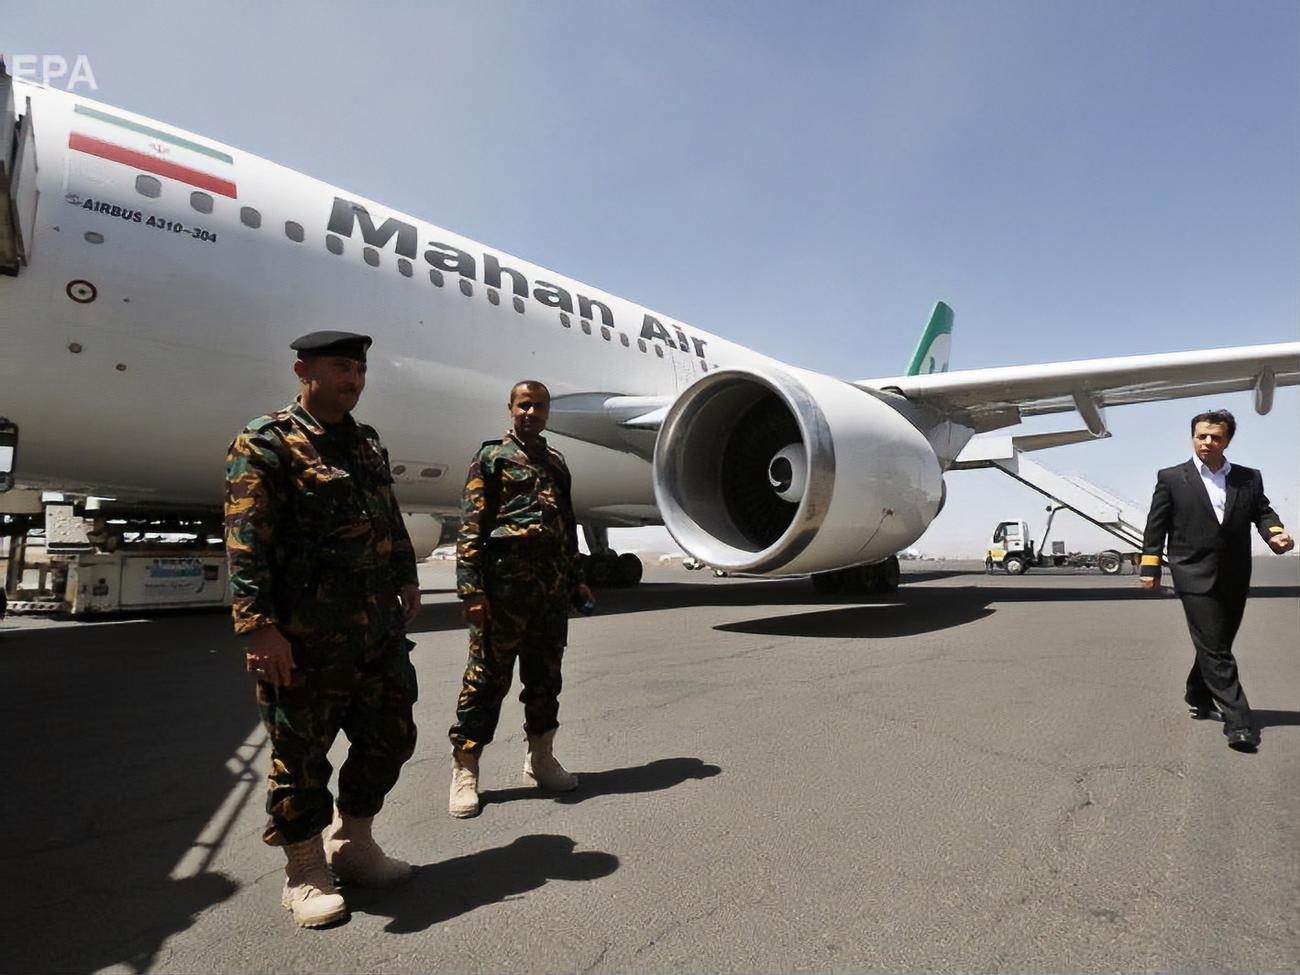 США розширили санкції проти Ірану, наклавши їх на найбільшу авіакомпанію країни